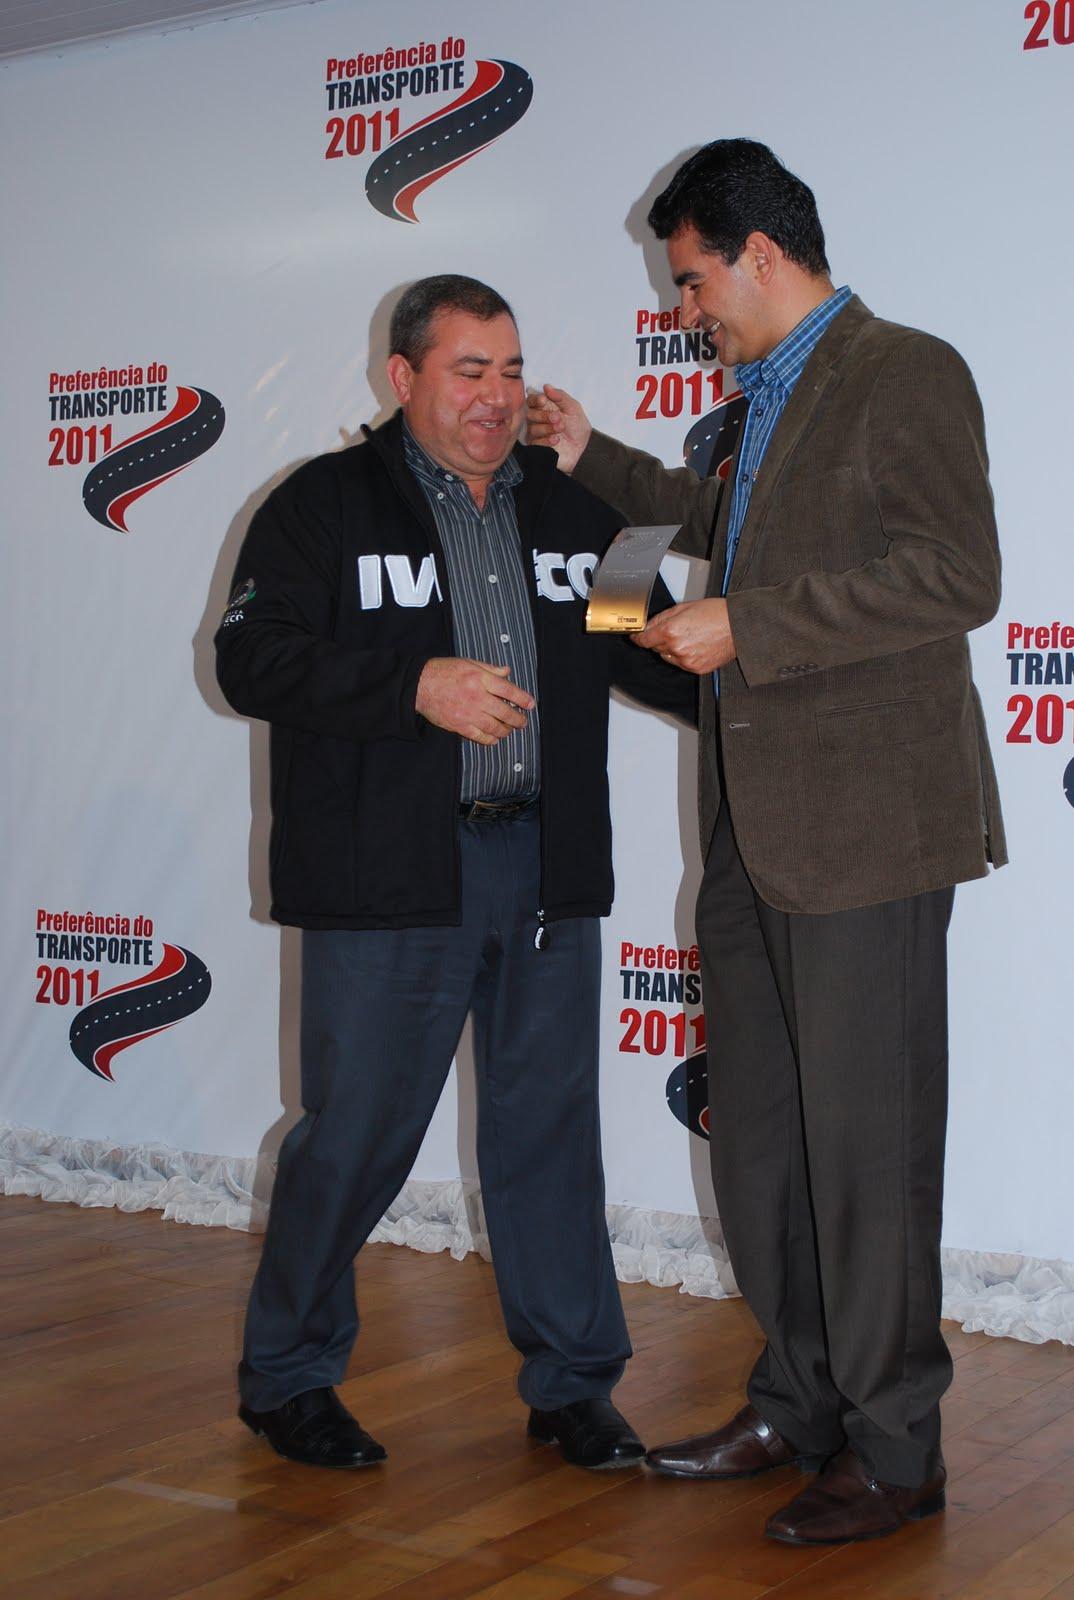 Carboni conquista 4 prêmios de Preferência do Transporte em Videira Aldori%20de%20Liz%2C%20vendas%20de%20seminovos%20da%20Carboni%20Iveco%201